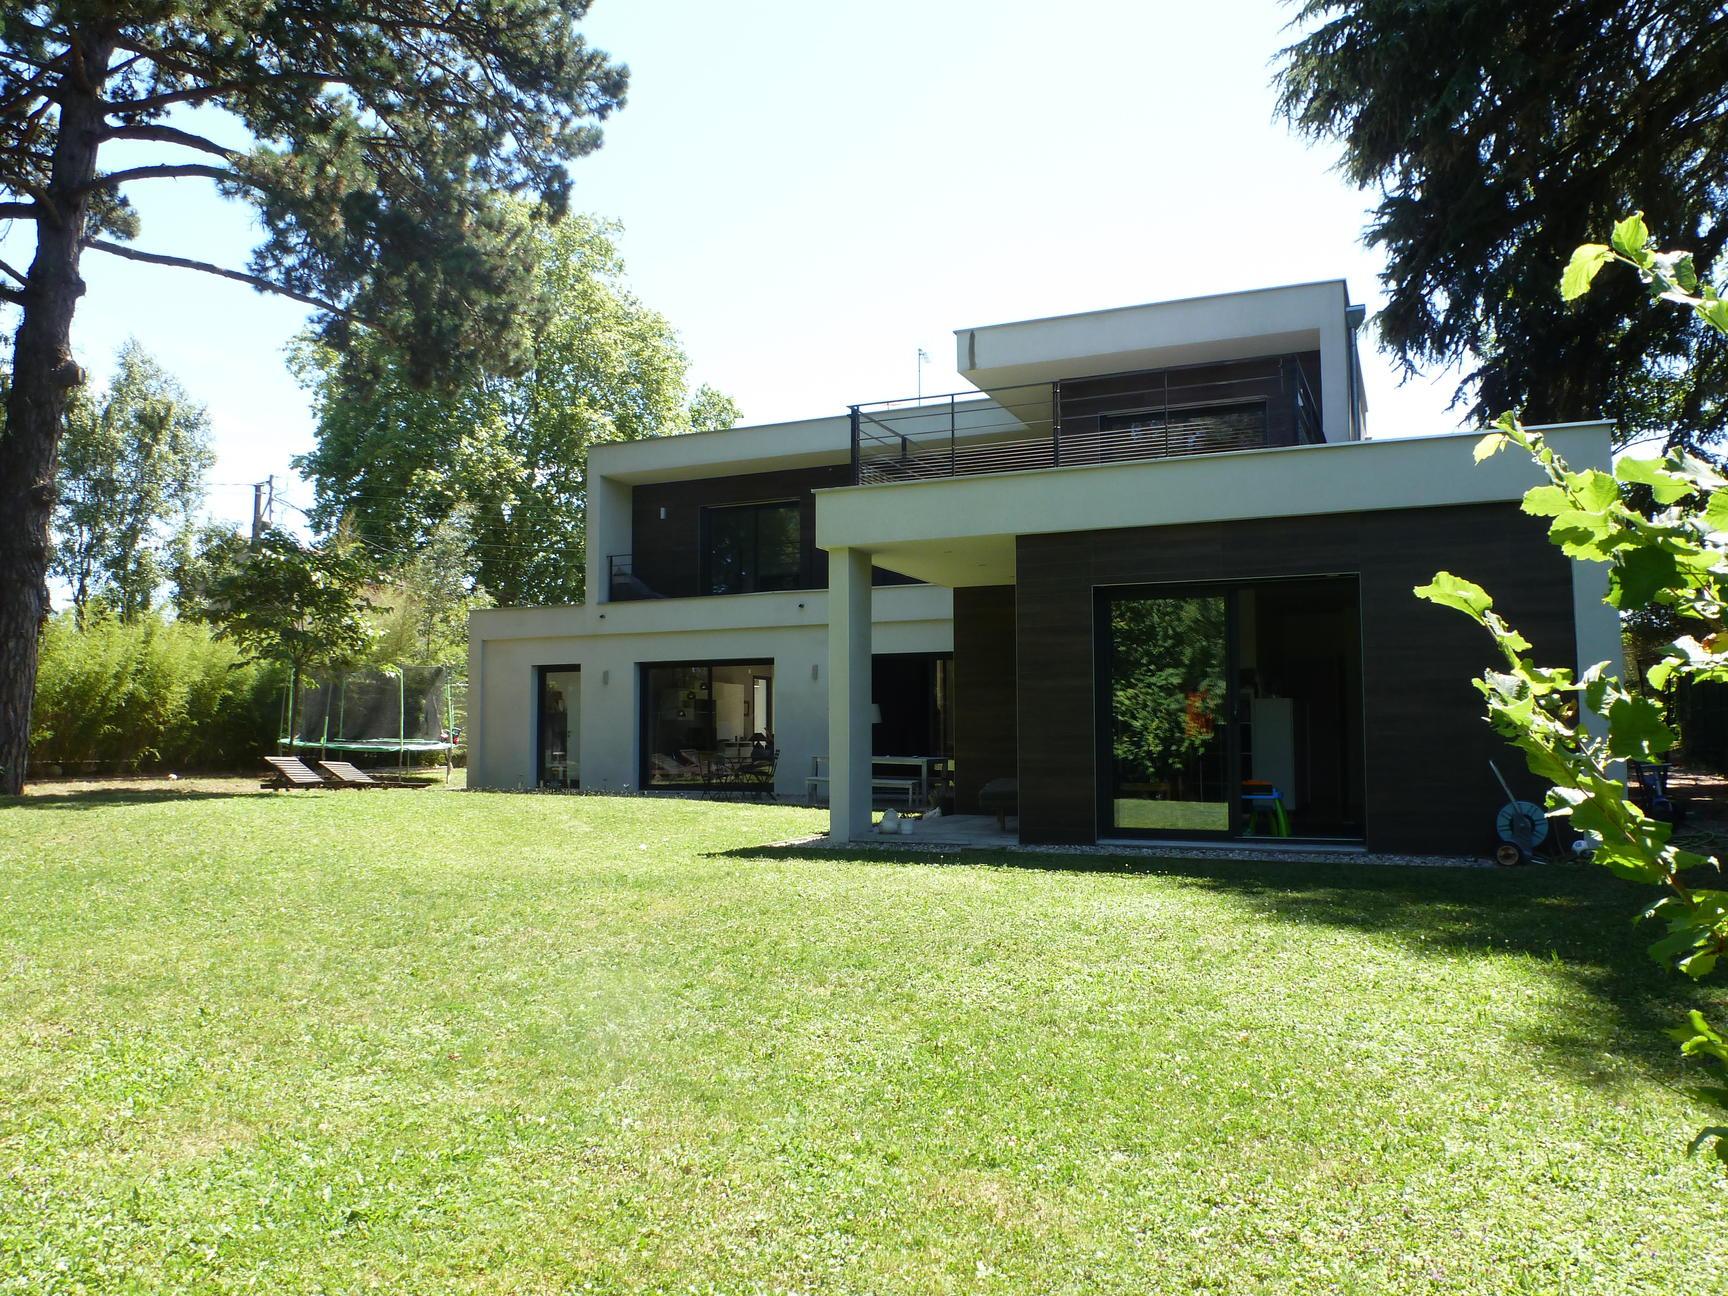 A VENDRE Maison Contemporaine Ecully 4 chambres